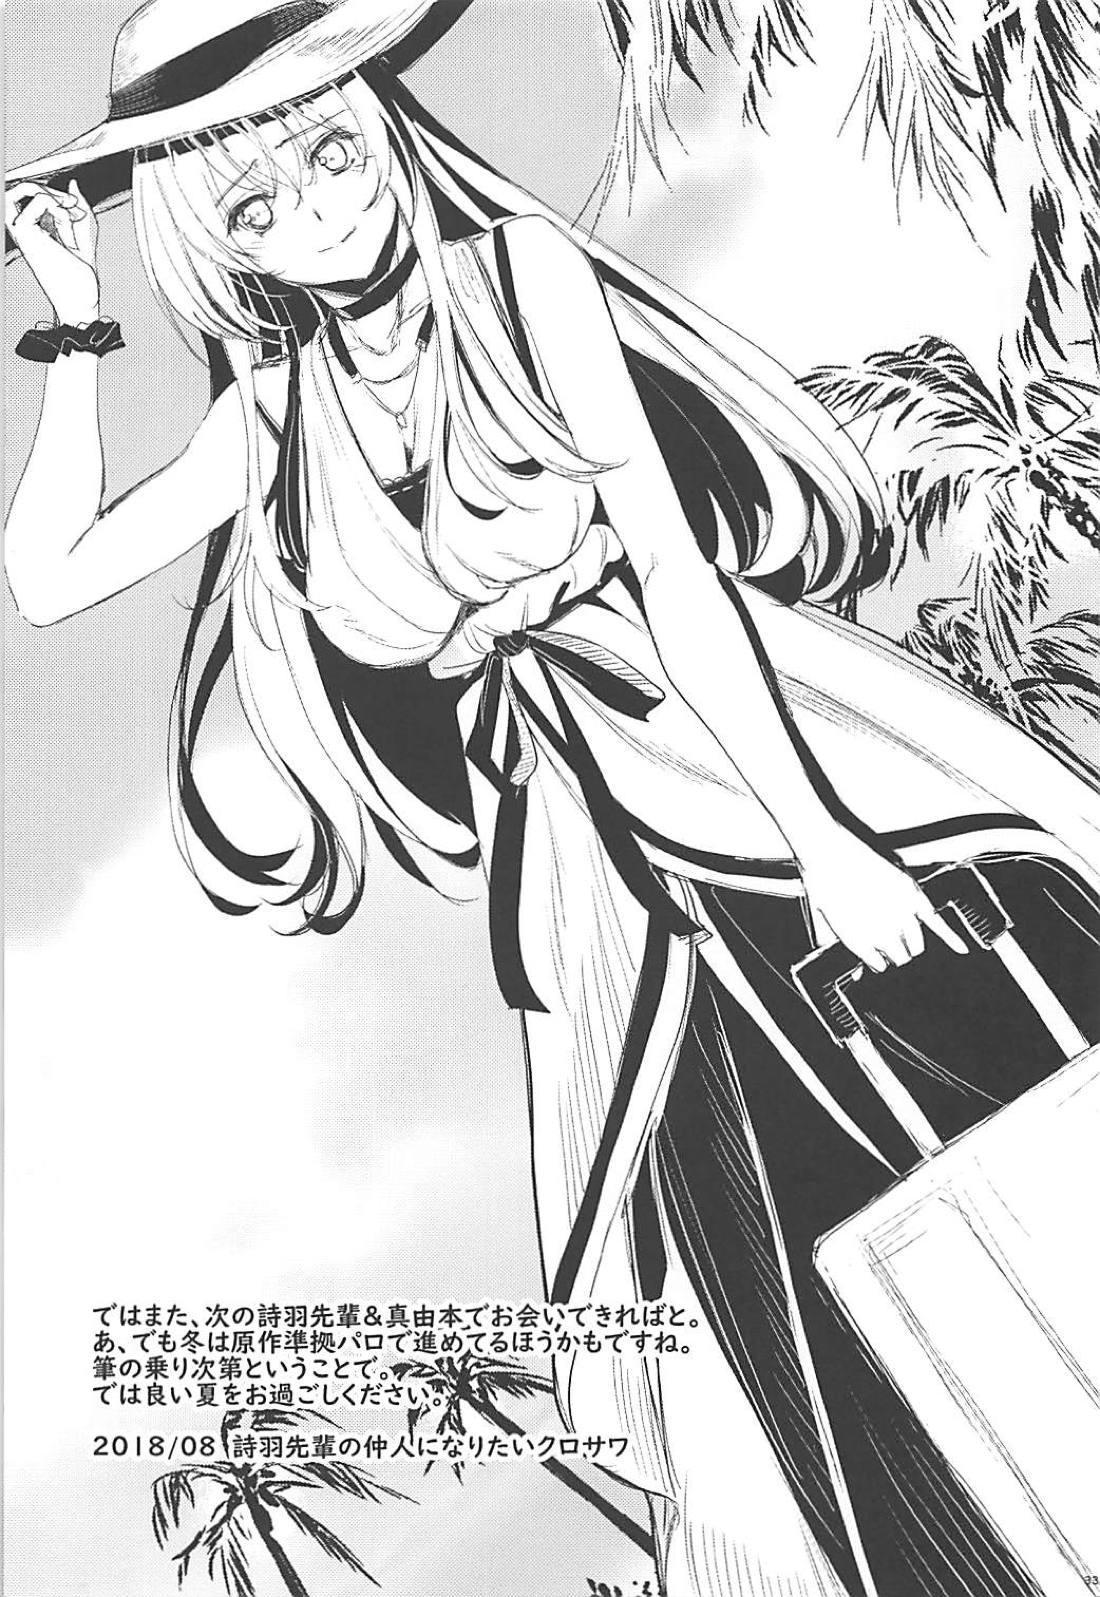 Saenai Futari no Kurashikata 3 31